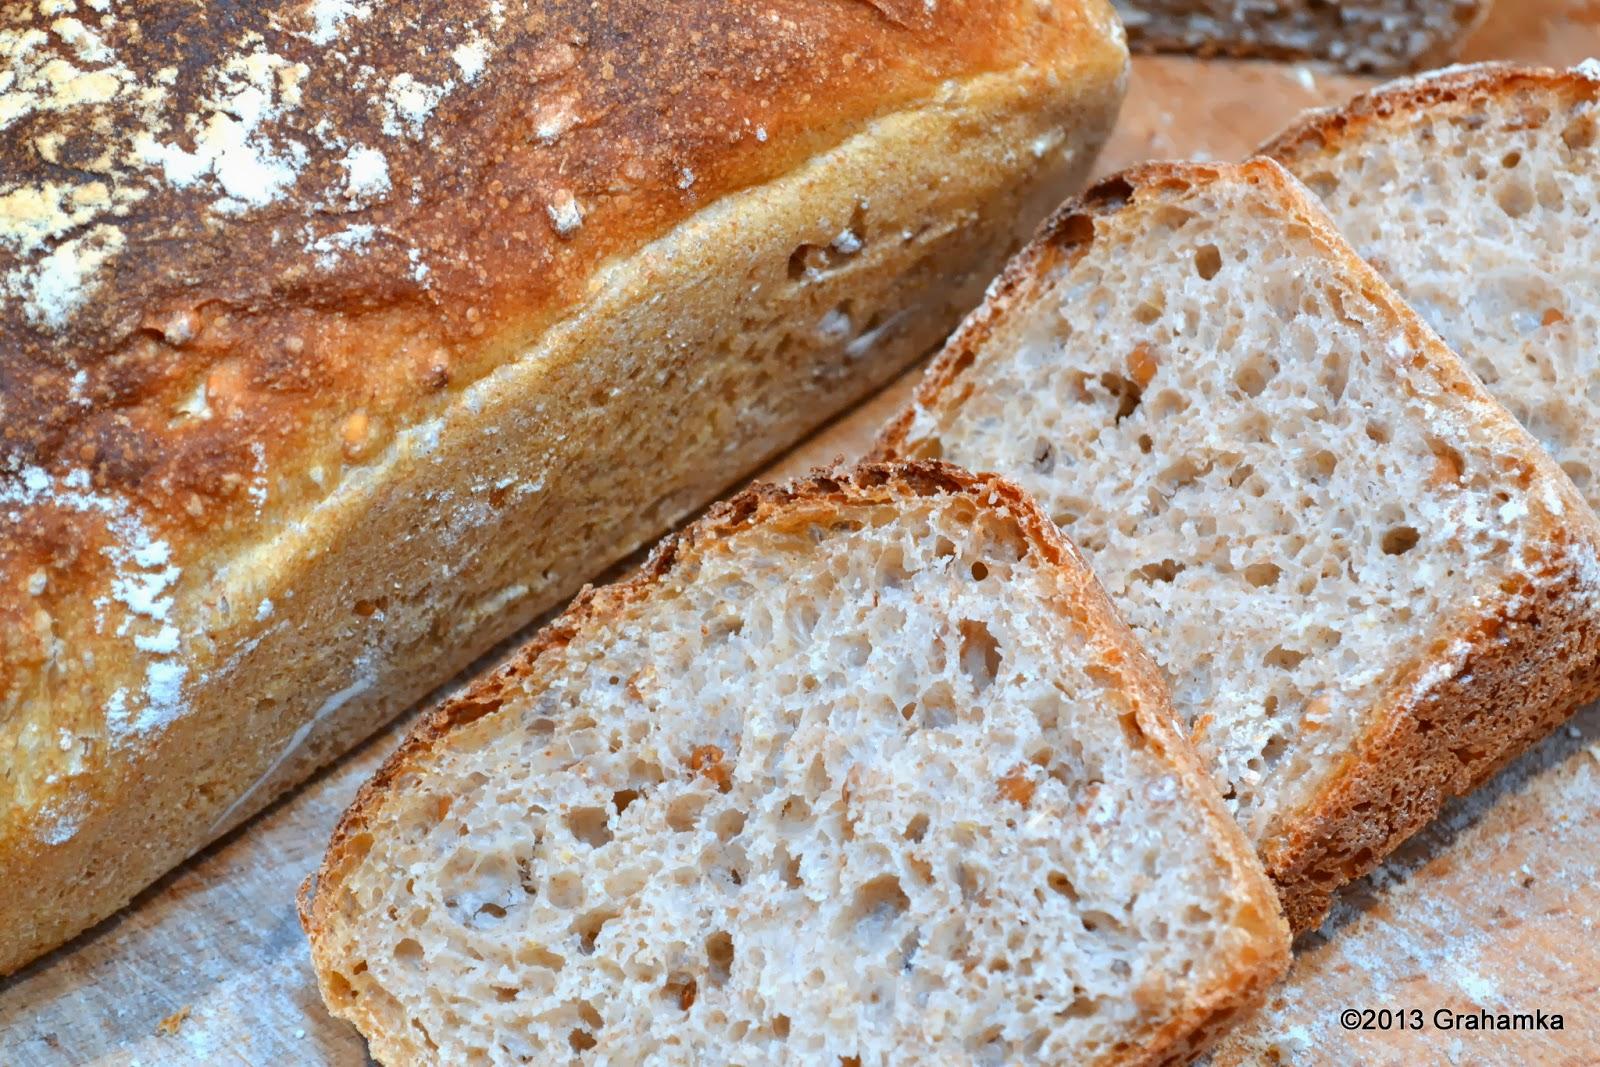 Chleb z ziarnem pszenicy.